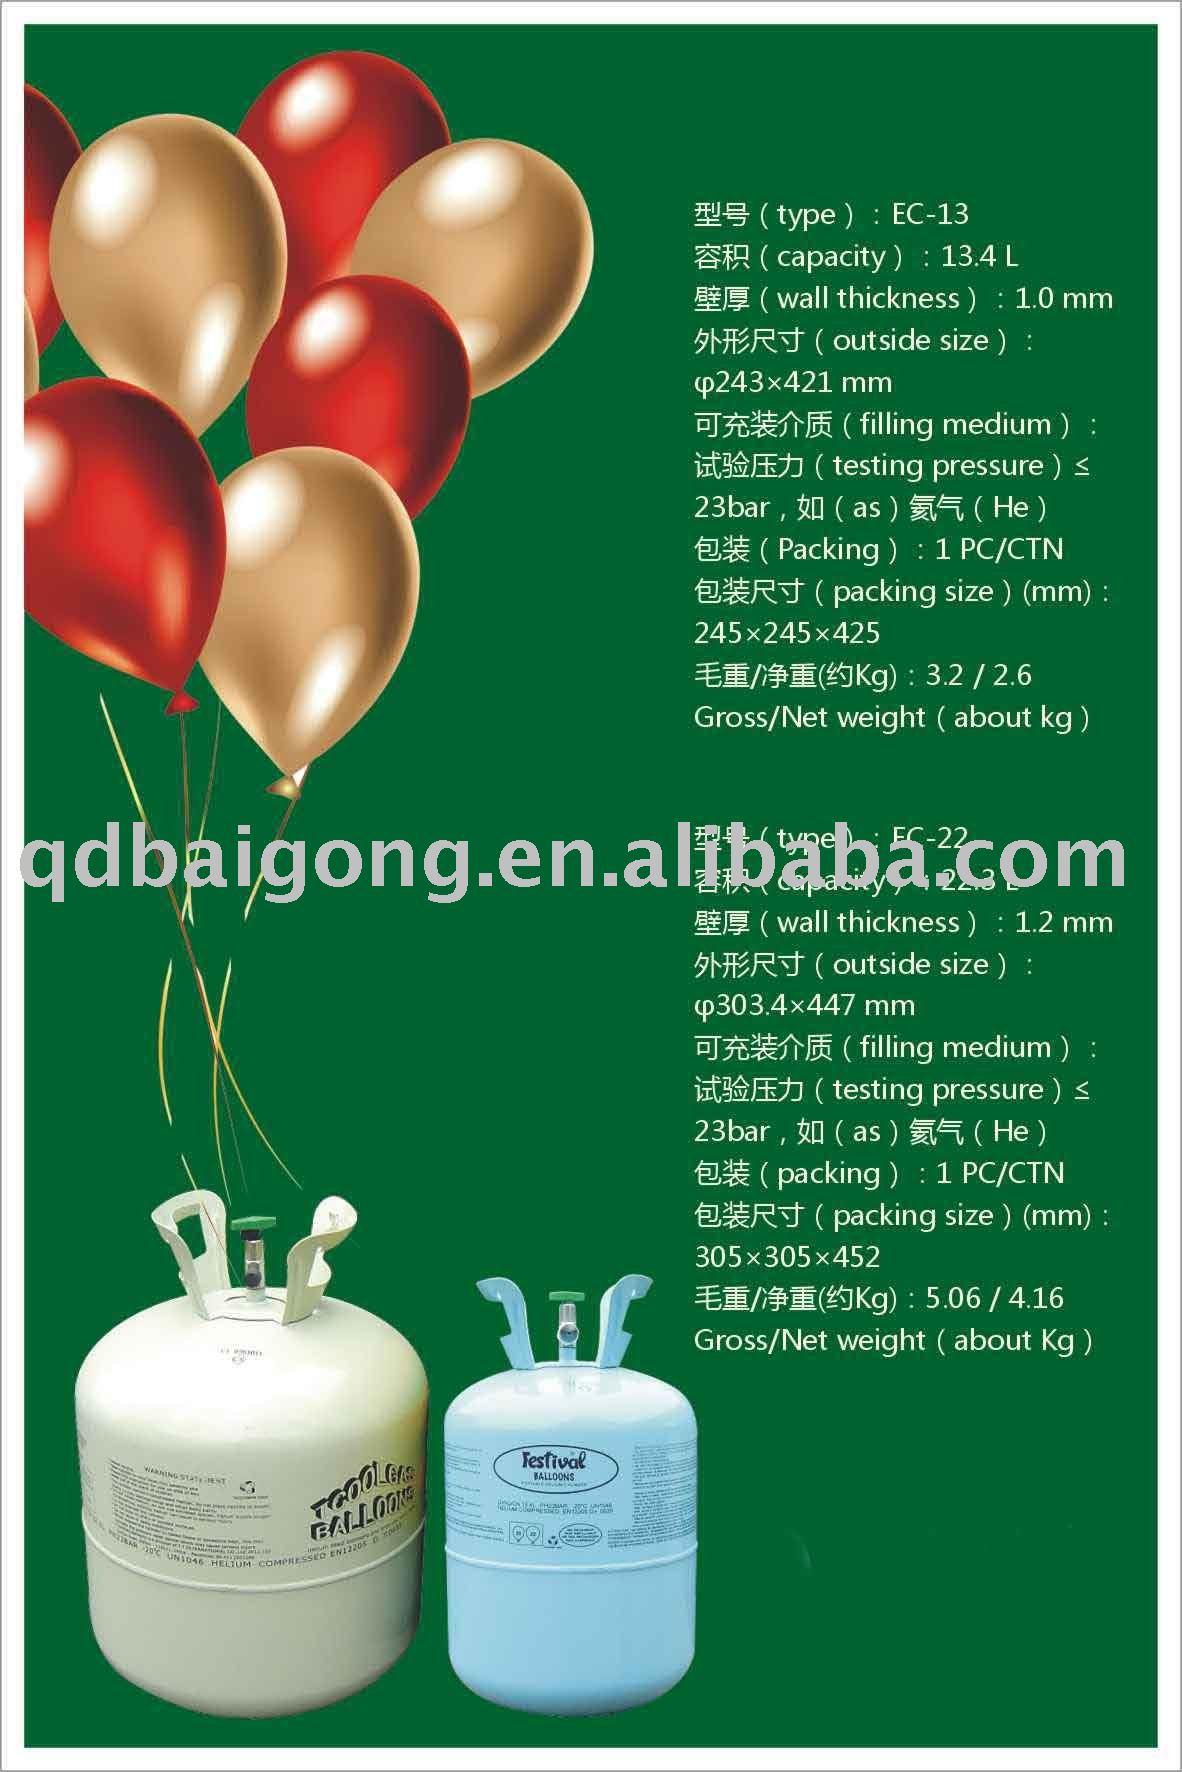 Cilindro de gas helio globo bombonas de gas identificaci n - Gas helio para globos precio ...